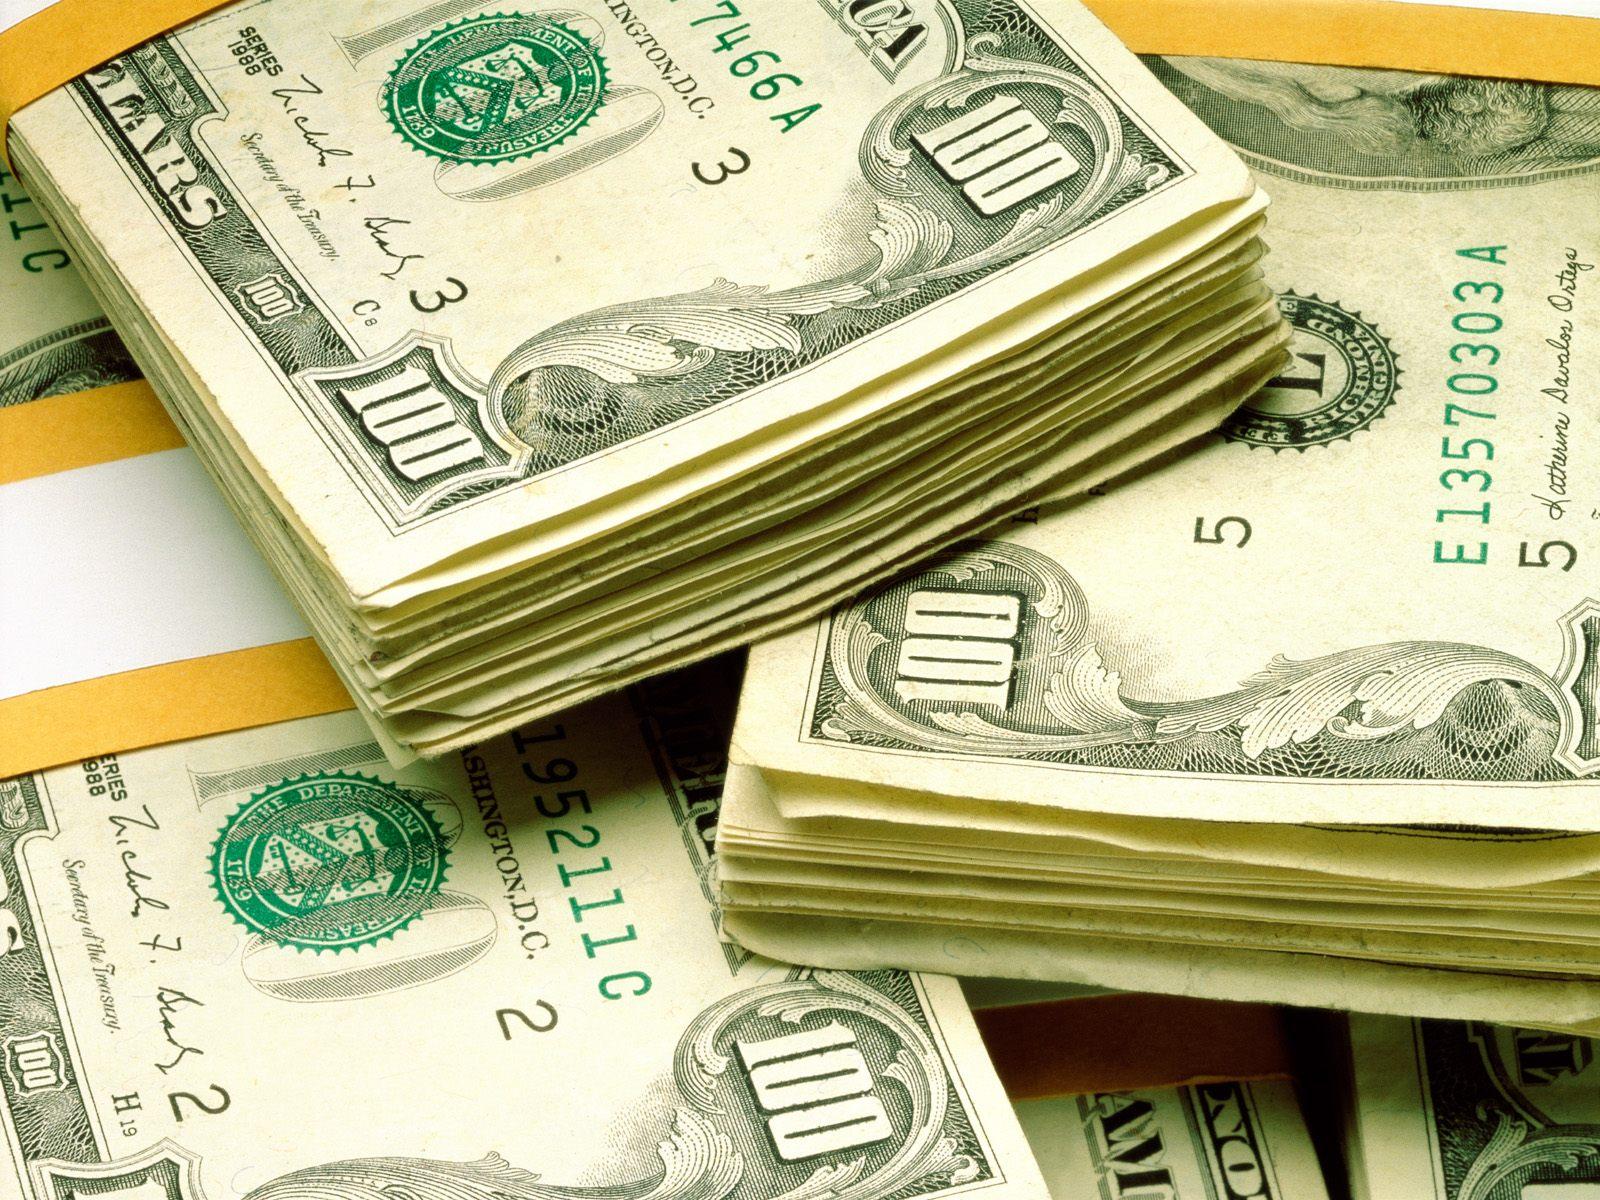 доллары, пачки денег, обои для рабочего стола, dollars wallpaper